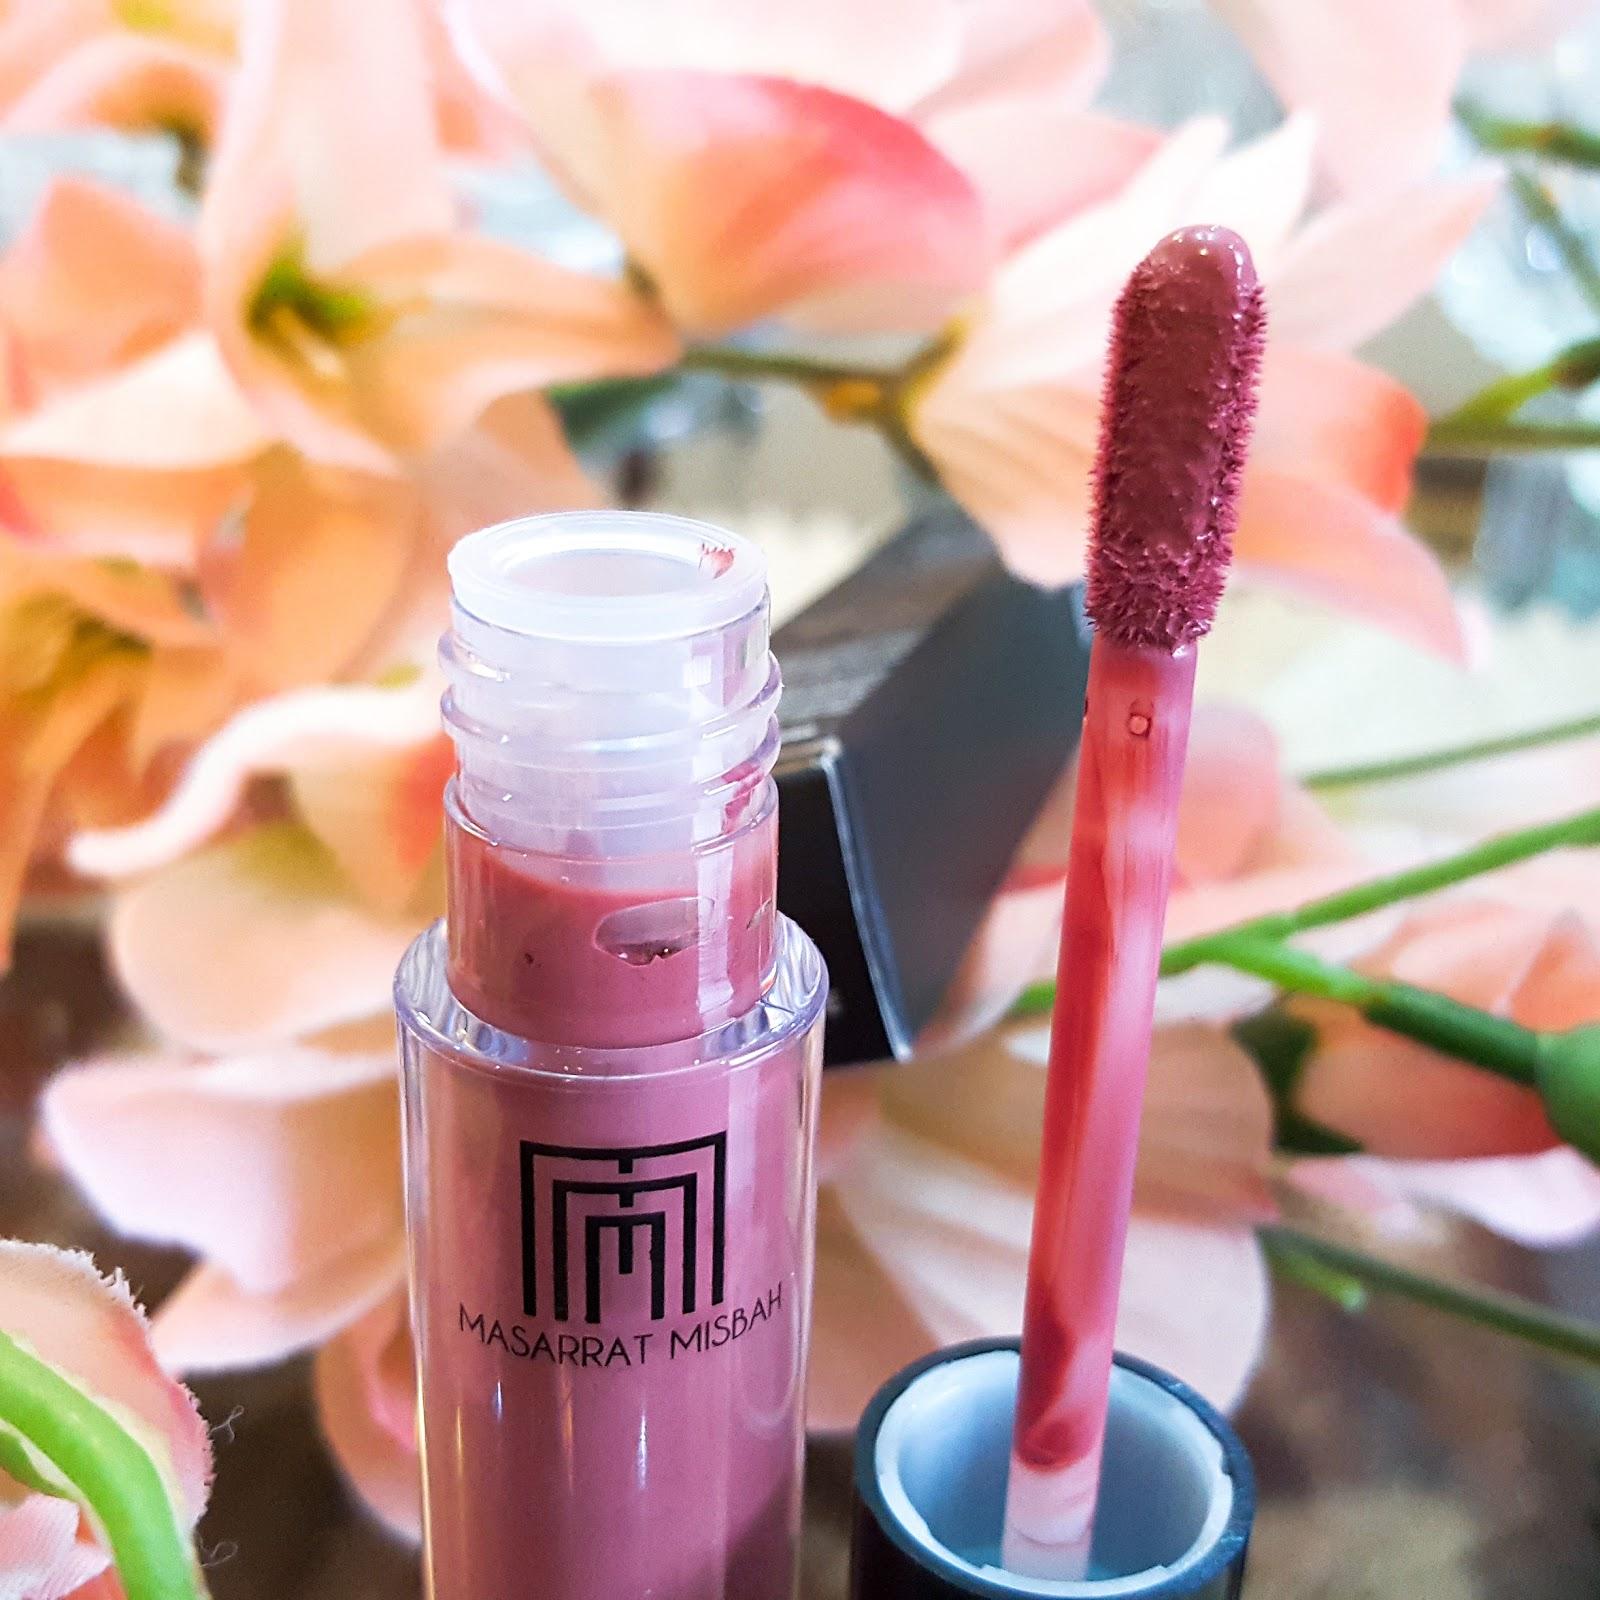 Masarrat Misbah Liquid Lipstick